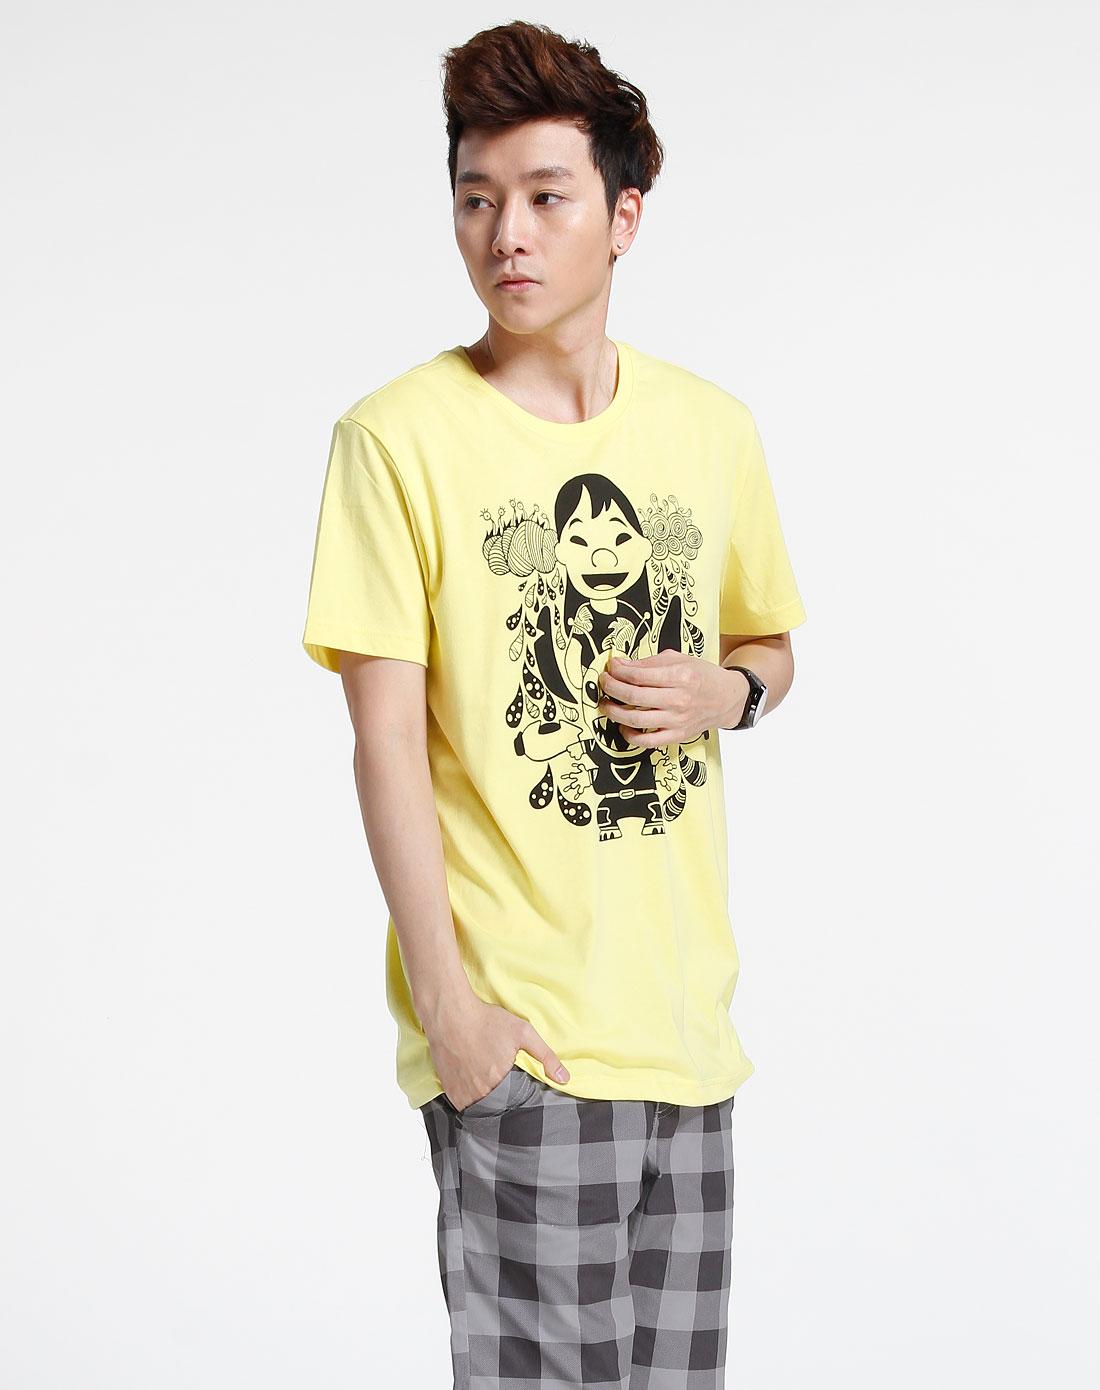 森马-男装黄色短袖t恤002151027-371图片